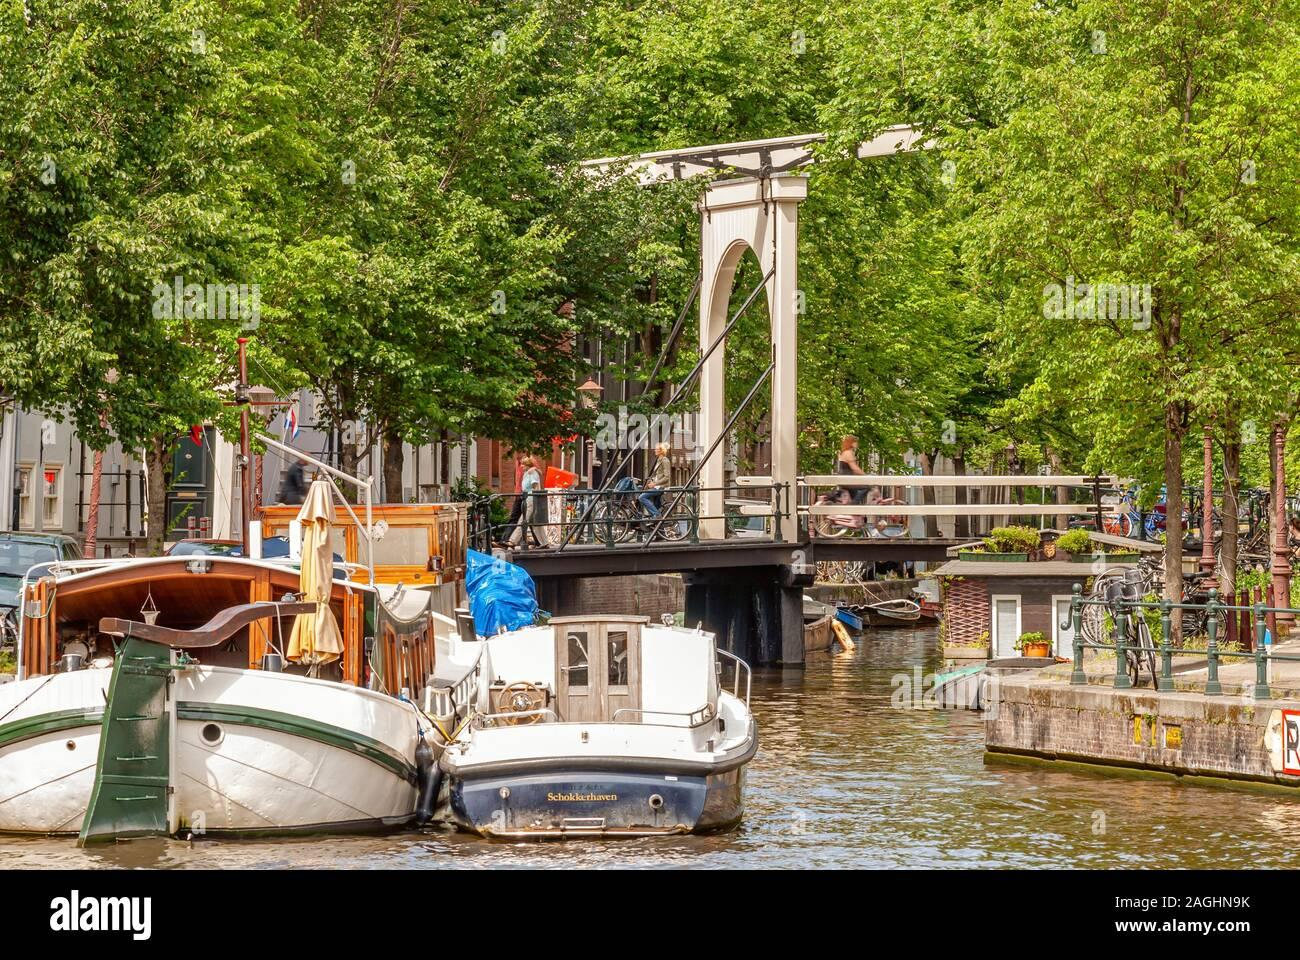 Casa barche in un canale di acqua nel centro della città di Amsterdam, Netherlande Foto Stock